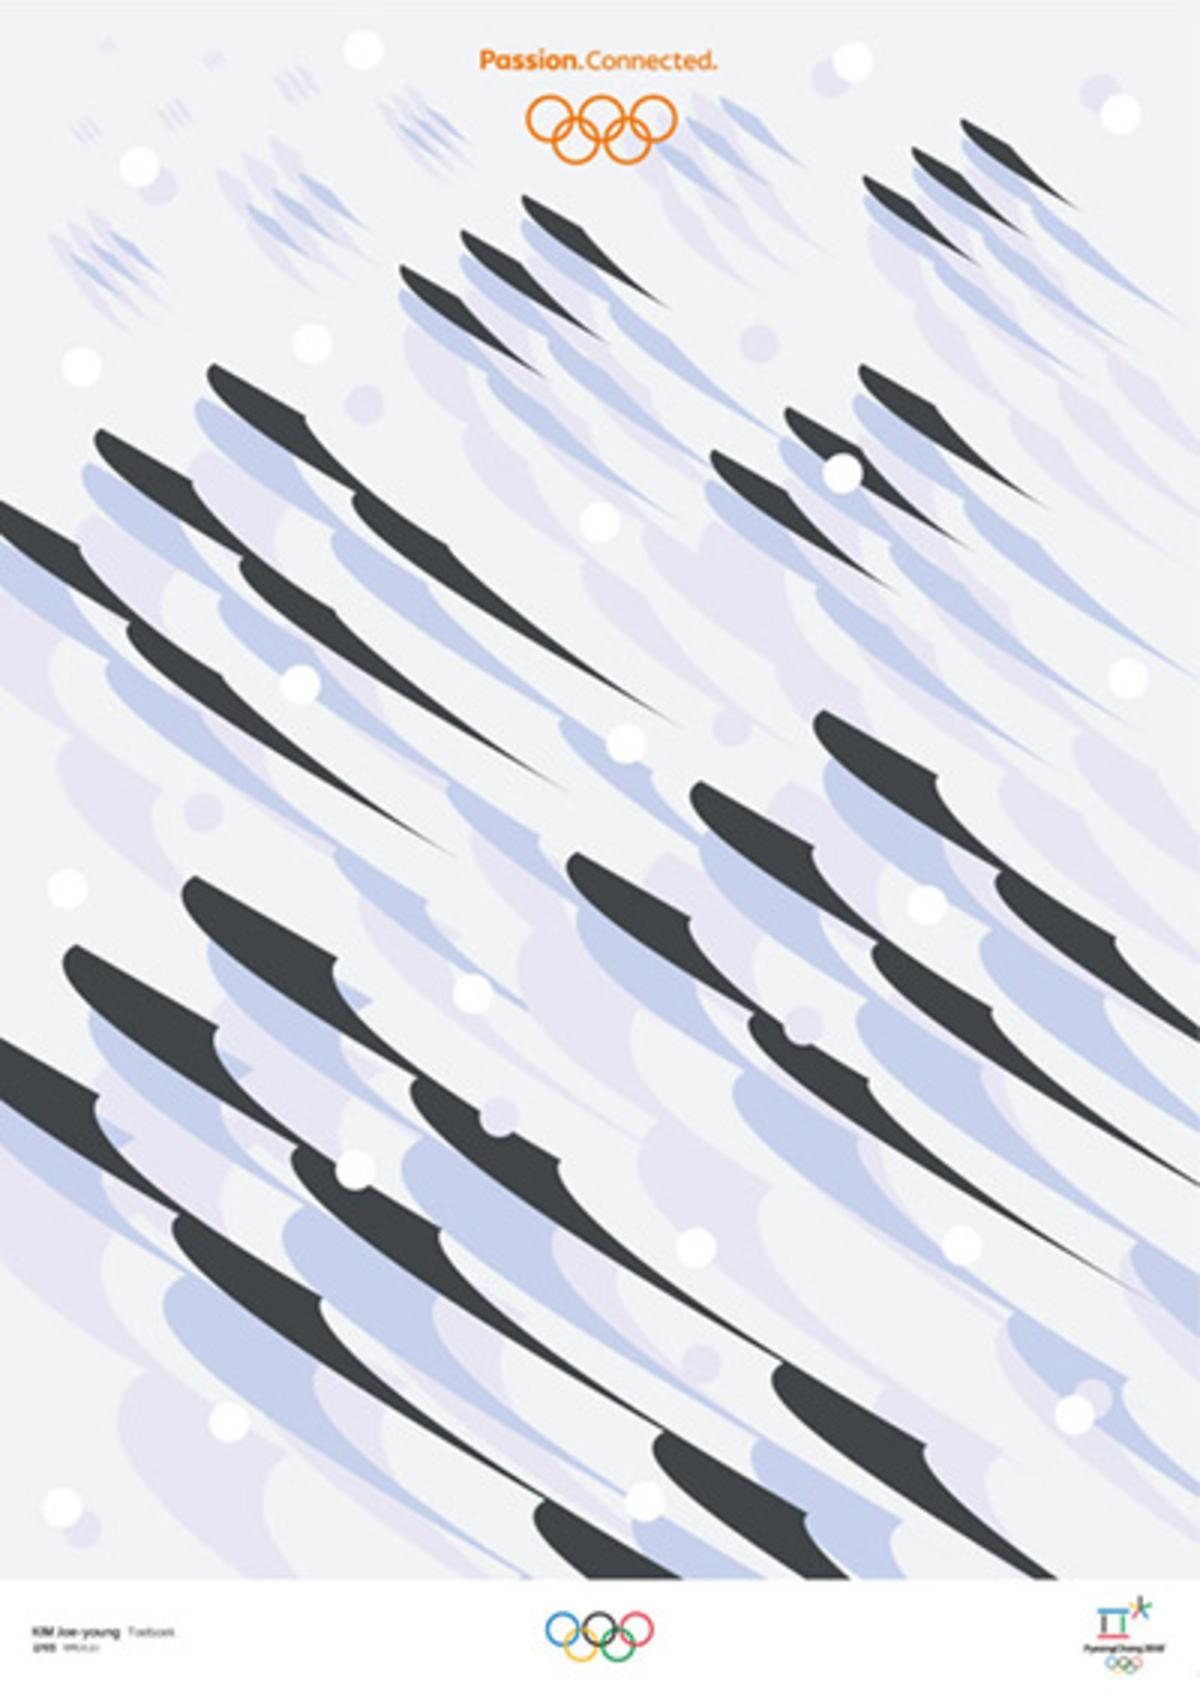 Plakat med grafisk illustrasjon i svart, hvitt, blått og grått.